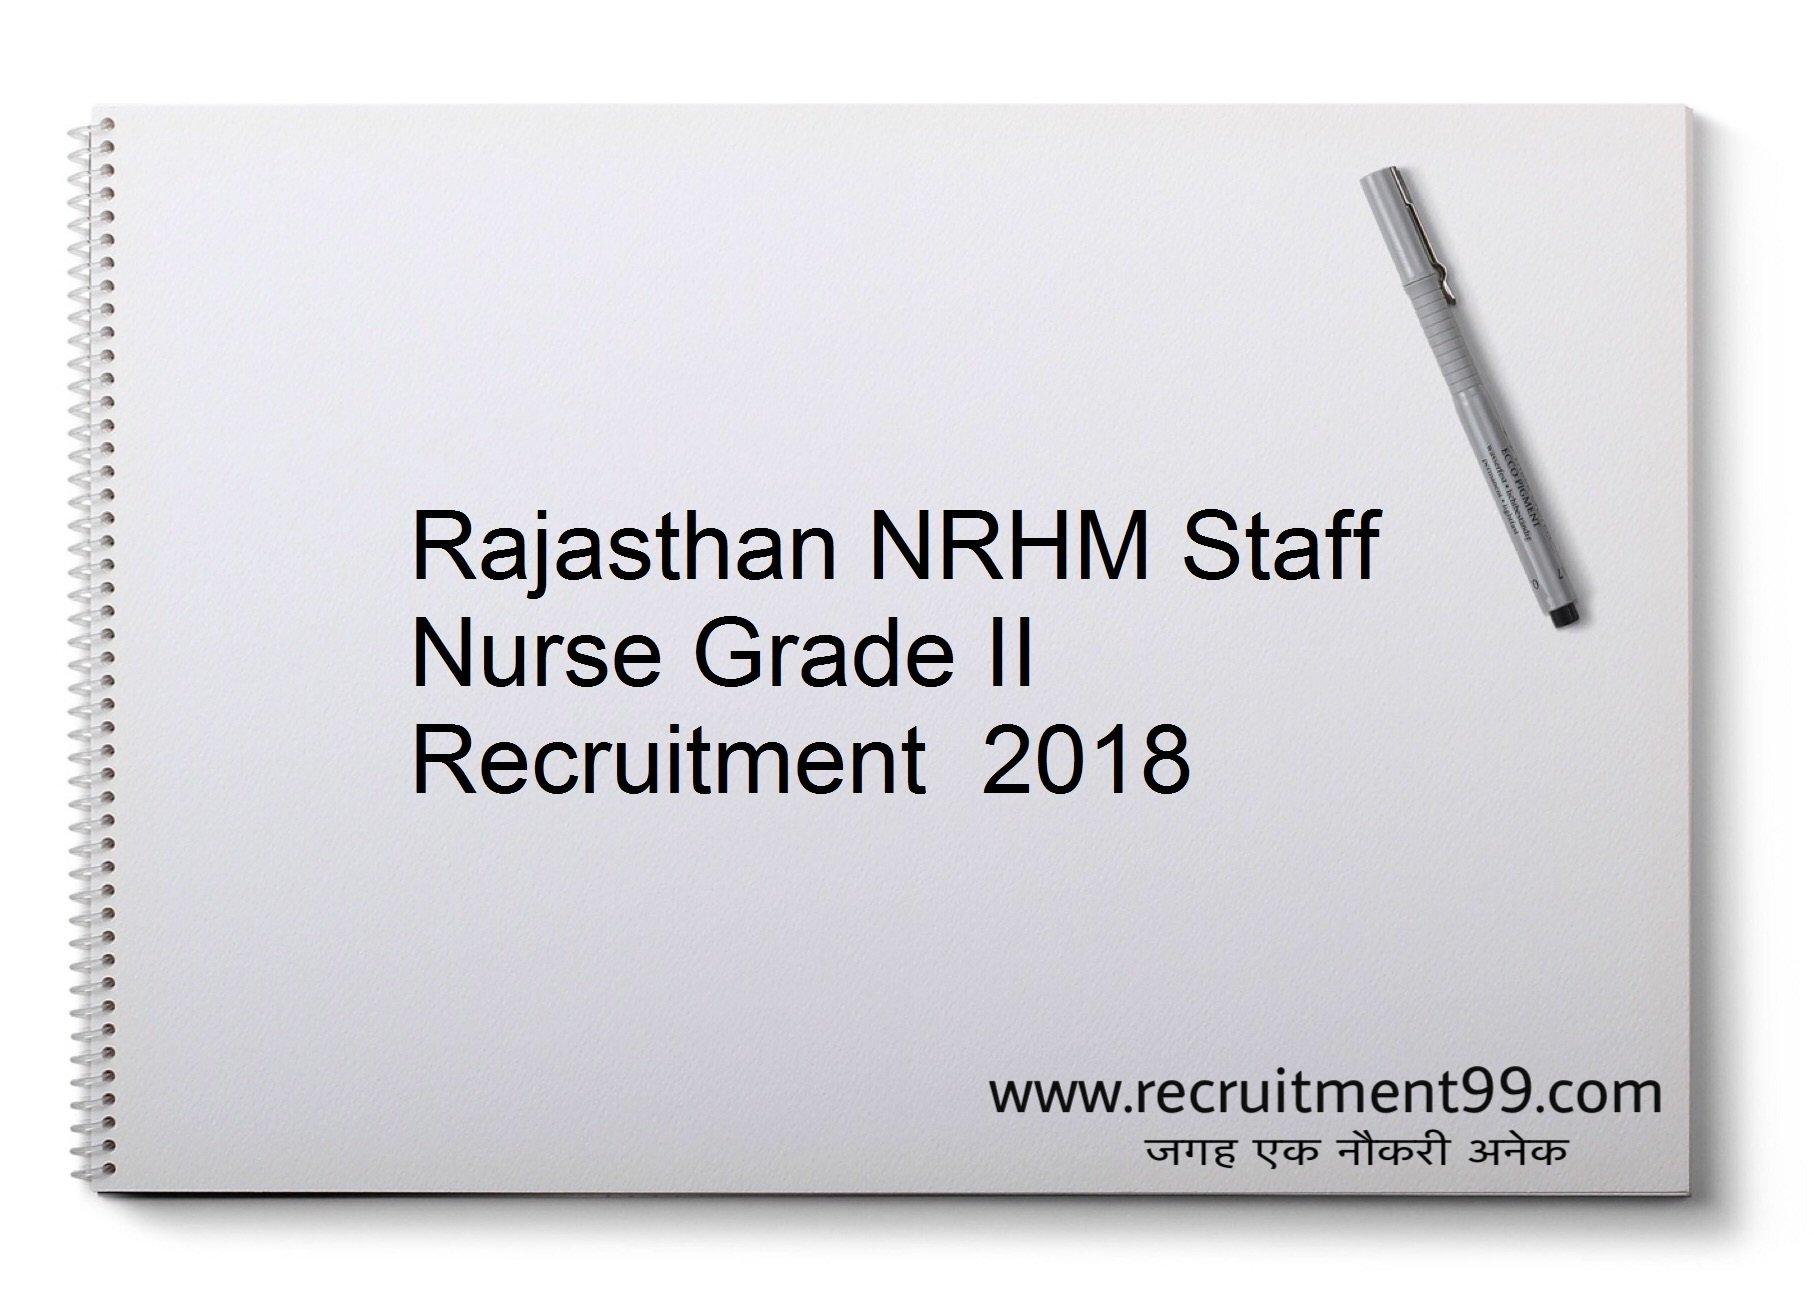 Rajasthan NRHM Staff Nurse Grade II Recruitment, Admit Card & Result 2018